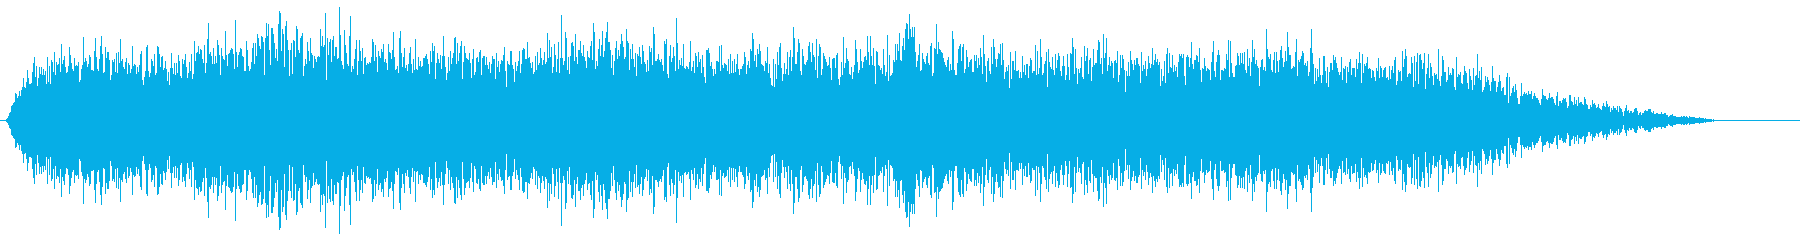 ローエンドのきらめき、相を持つベッ...の再生済みの波形